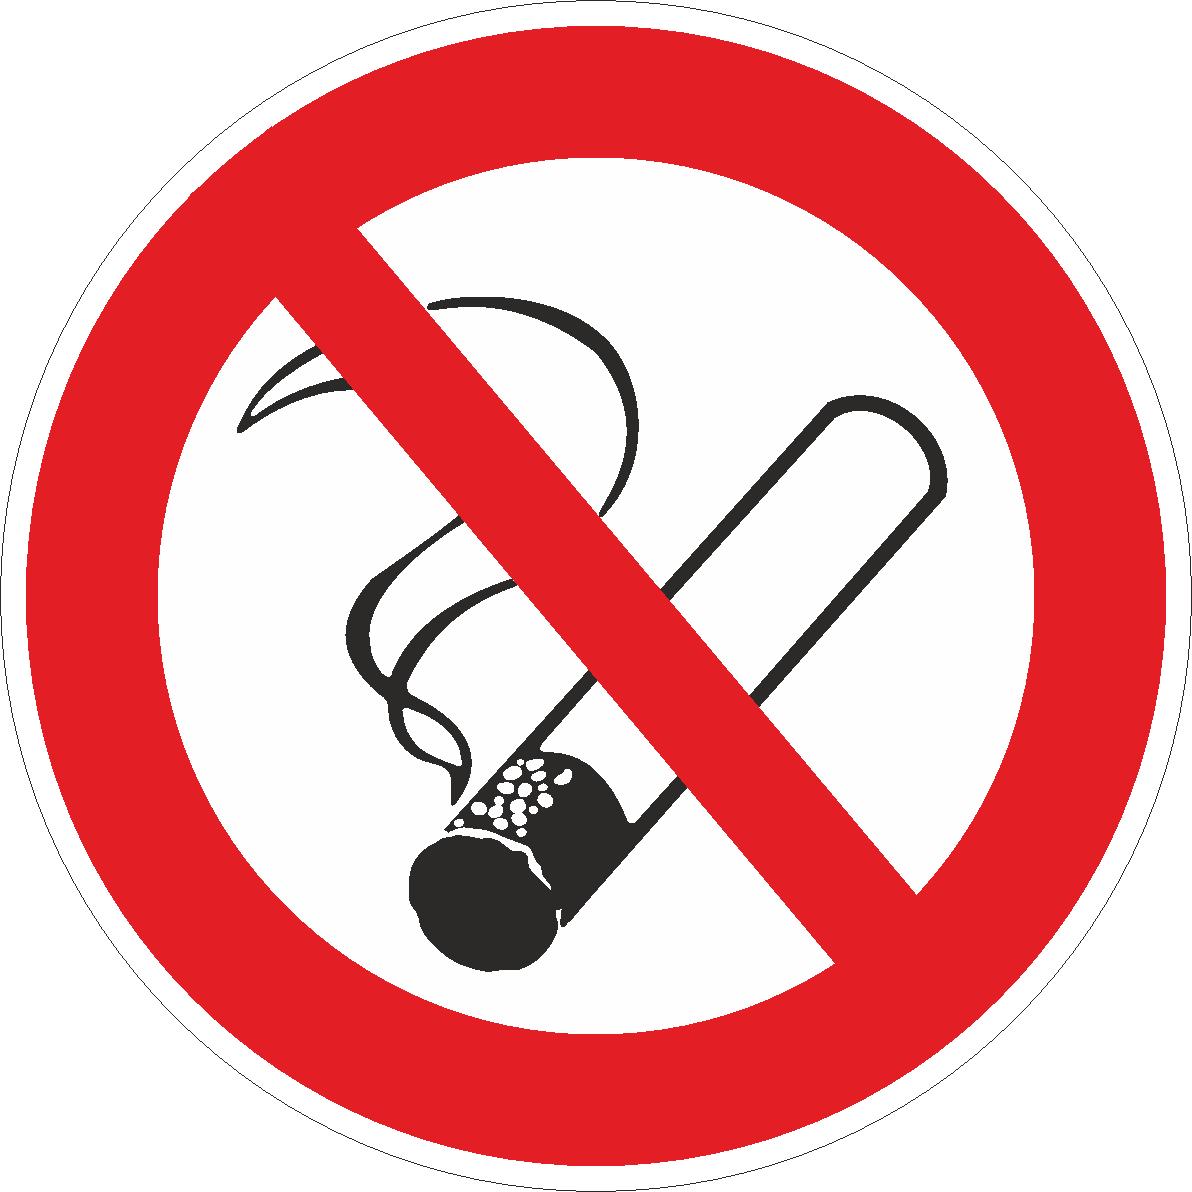 schild verbot hinweis zigarette rauchen verboten. Black Bedroom Furniture Sets. Home Design Ideas